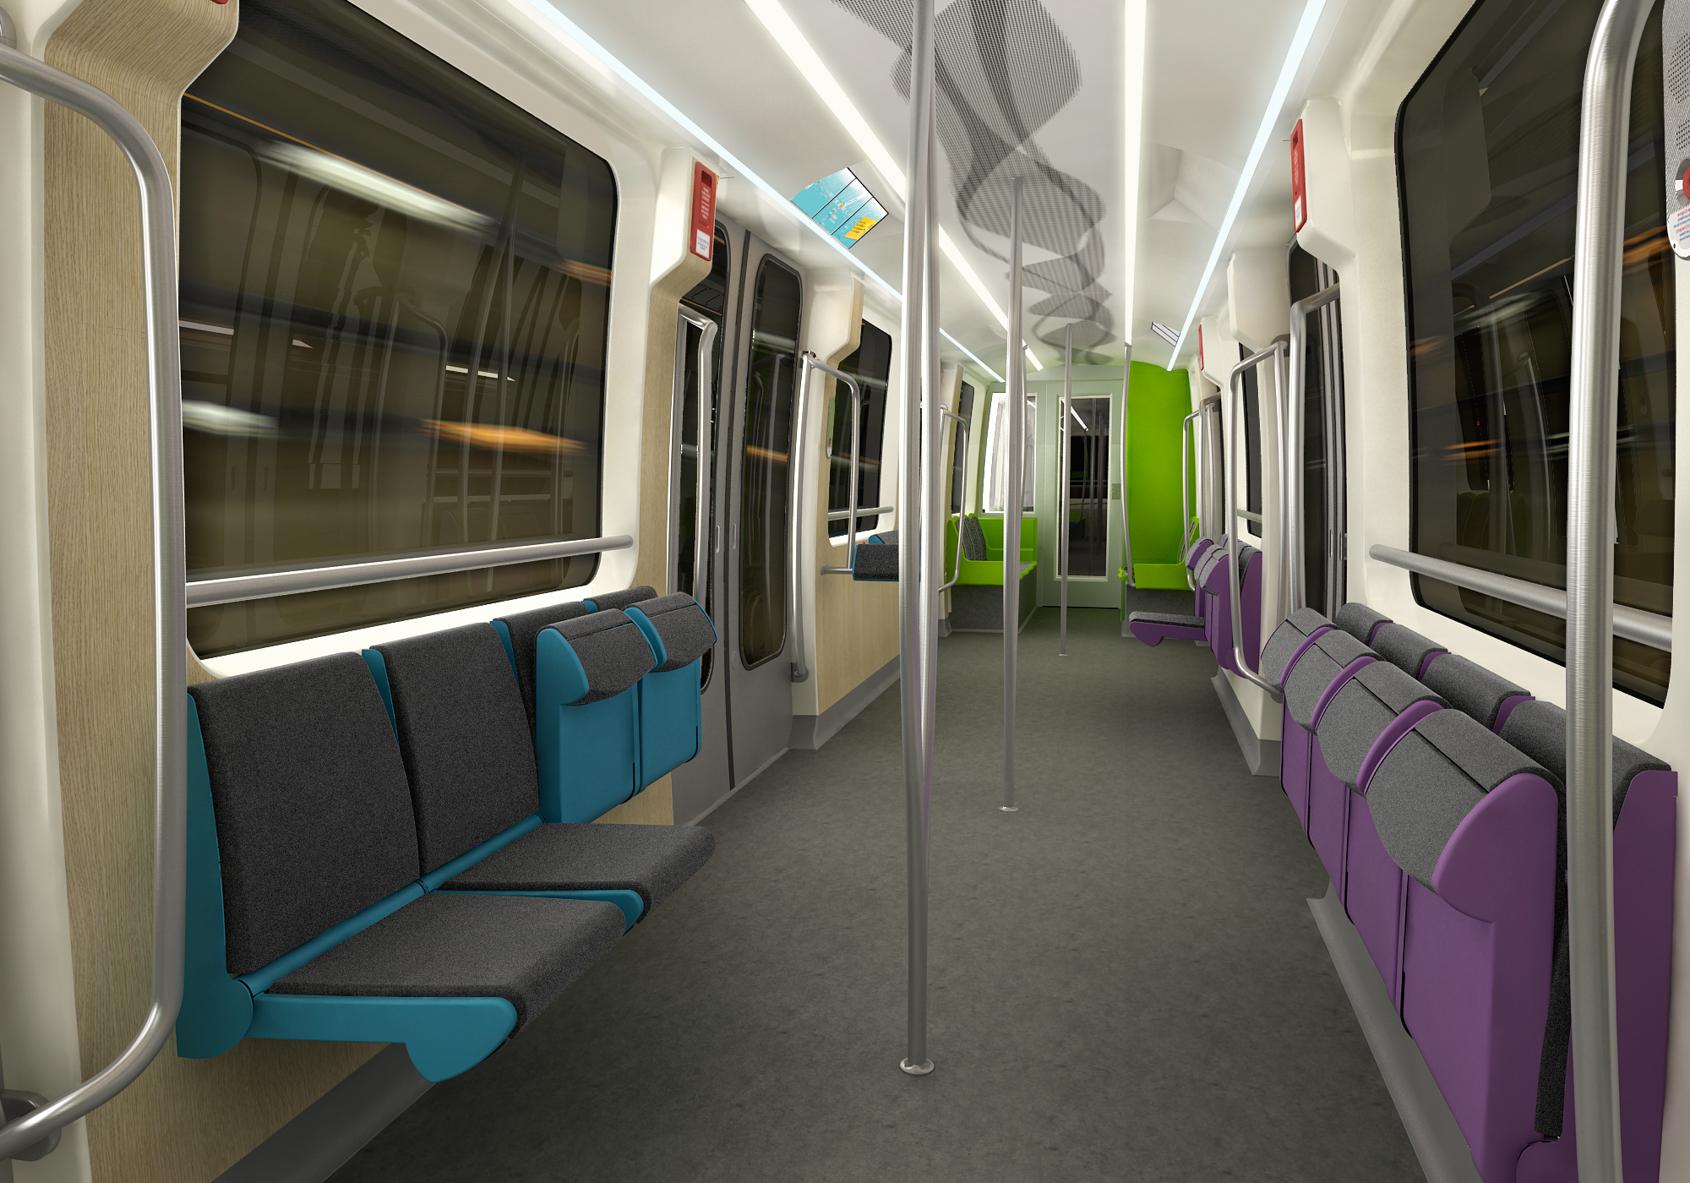 4-Dripmoon-archvis-graphiste3D-design-produits-images-3D-metro-rennes